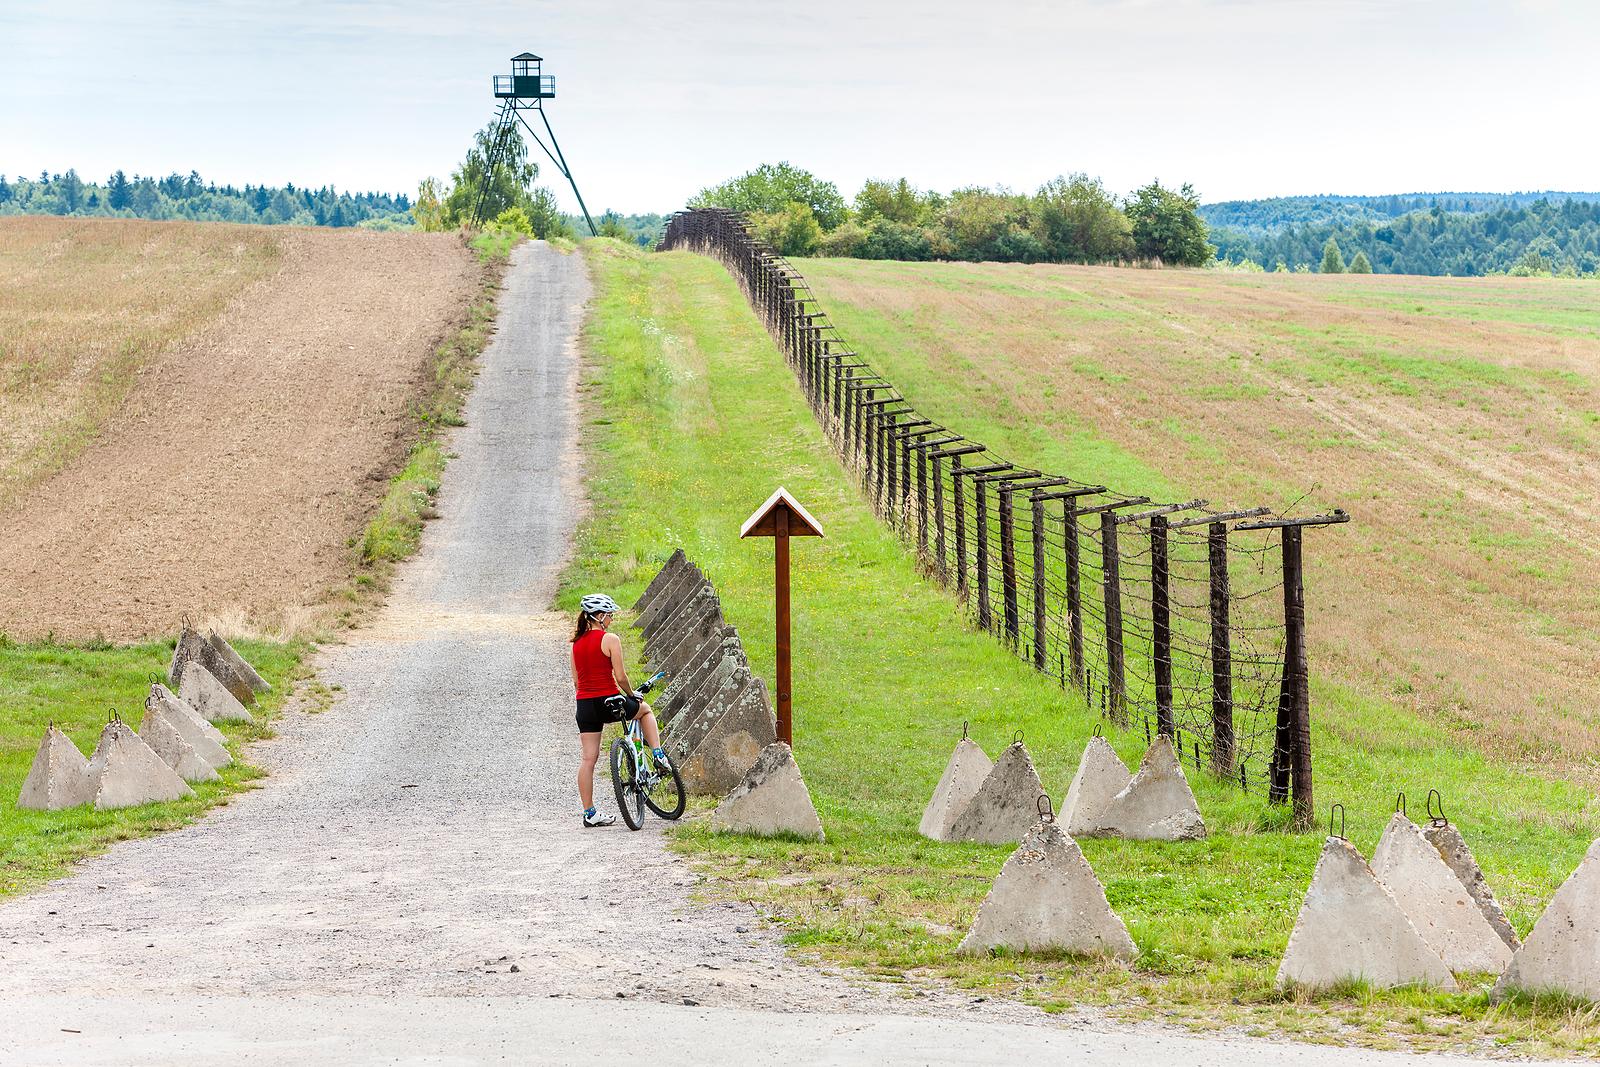 Remains of the Iron Curtain at Čížov, Czechia